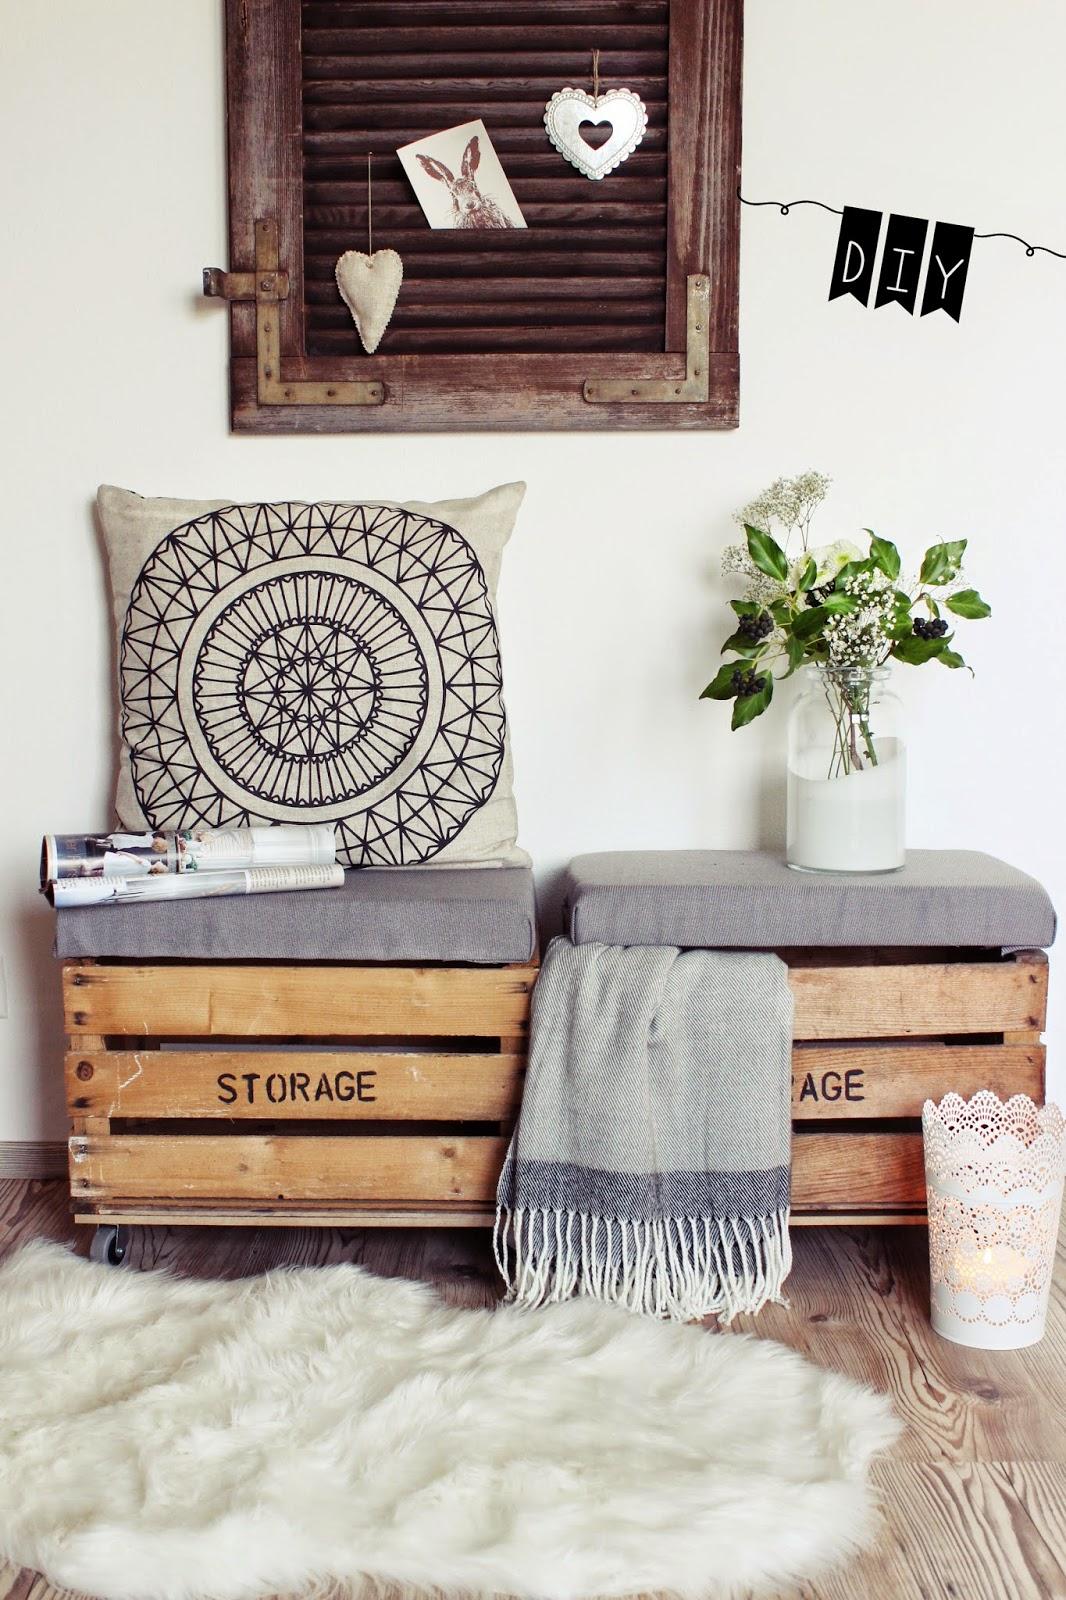 s 39 bastelkistle diy sitztruhe aus alten holzkisten. Black Bedroom Furniture Sets. Home Design Ideas